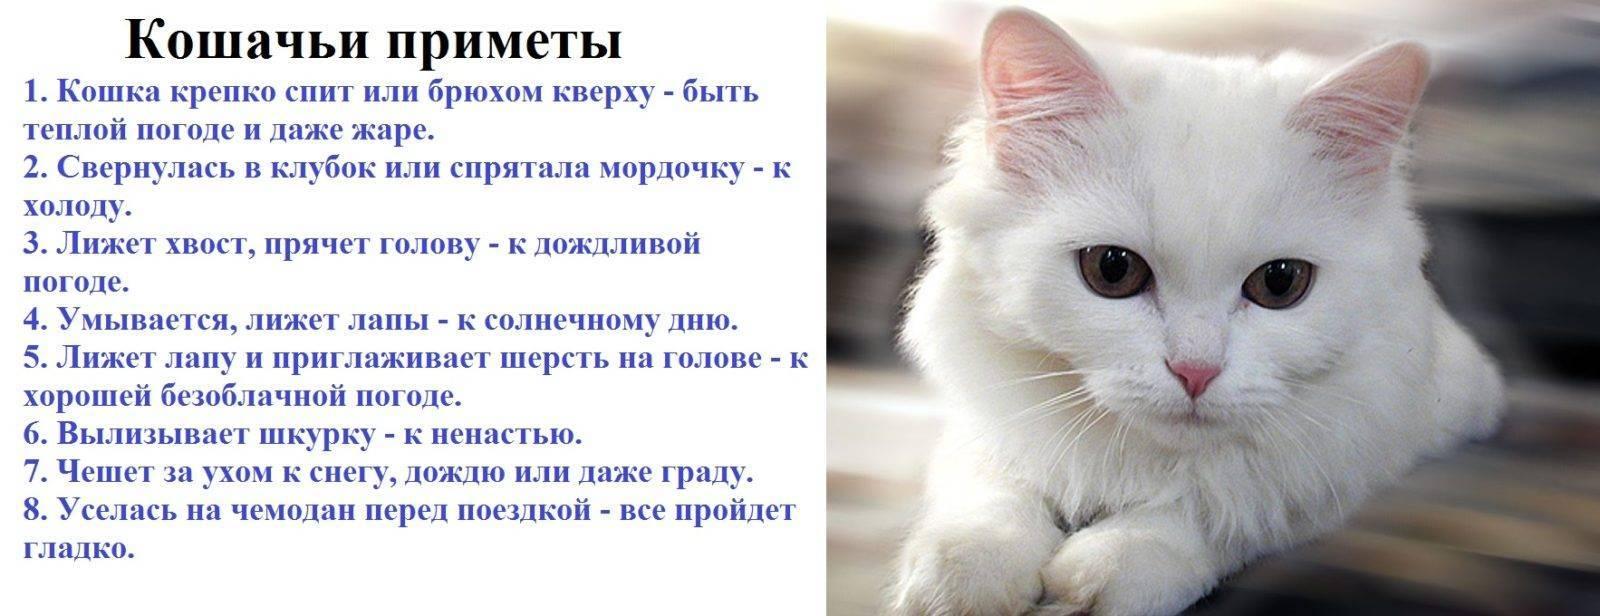 Почему кошки уходят из дома: причины и поверья про уход котов из дома